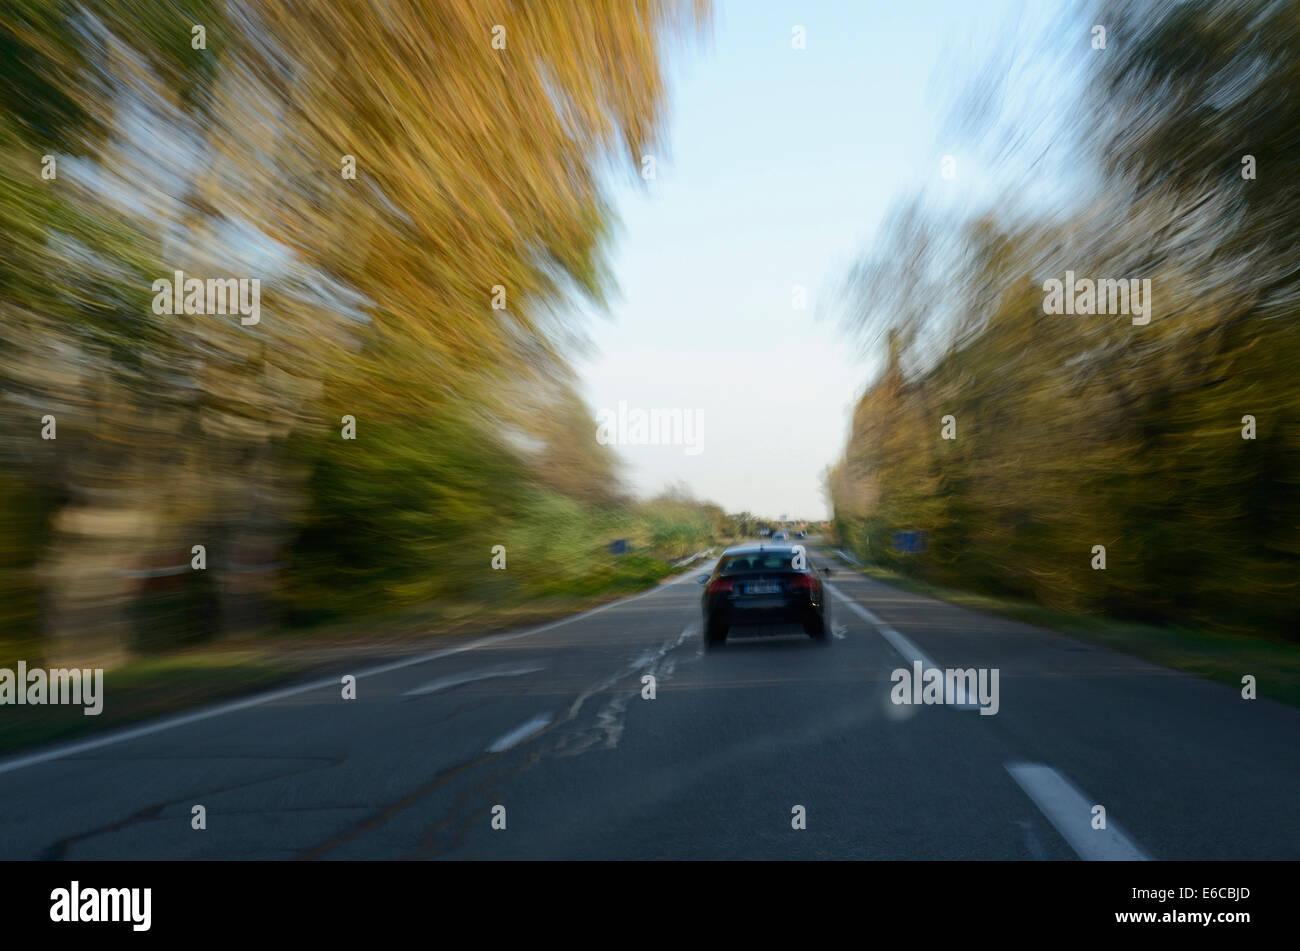 La conducción del automóvil en un país por carretera Imagen De Stock